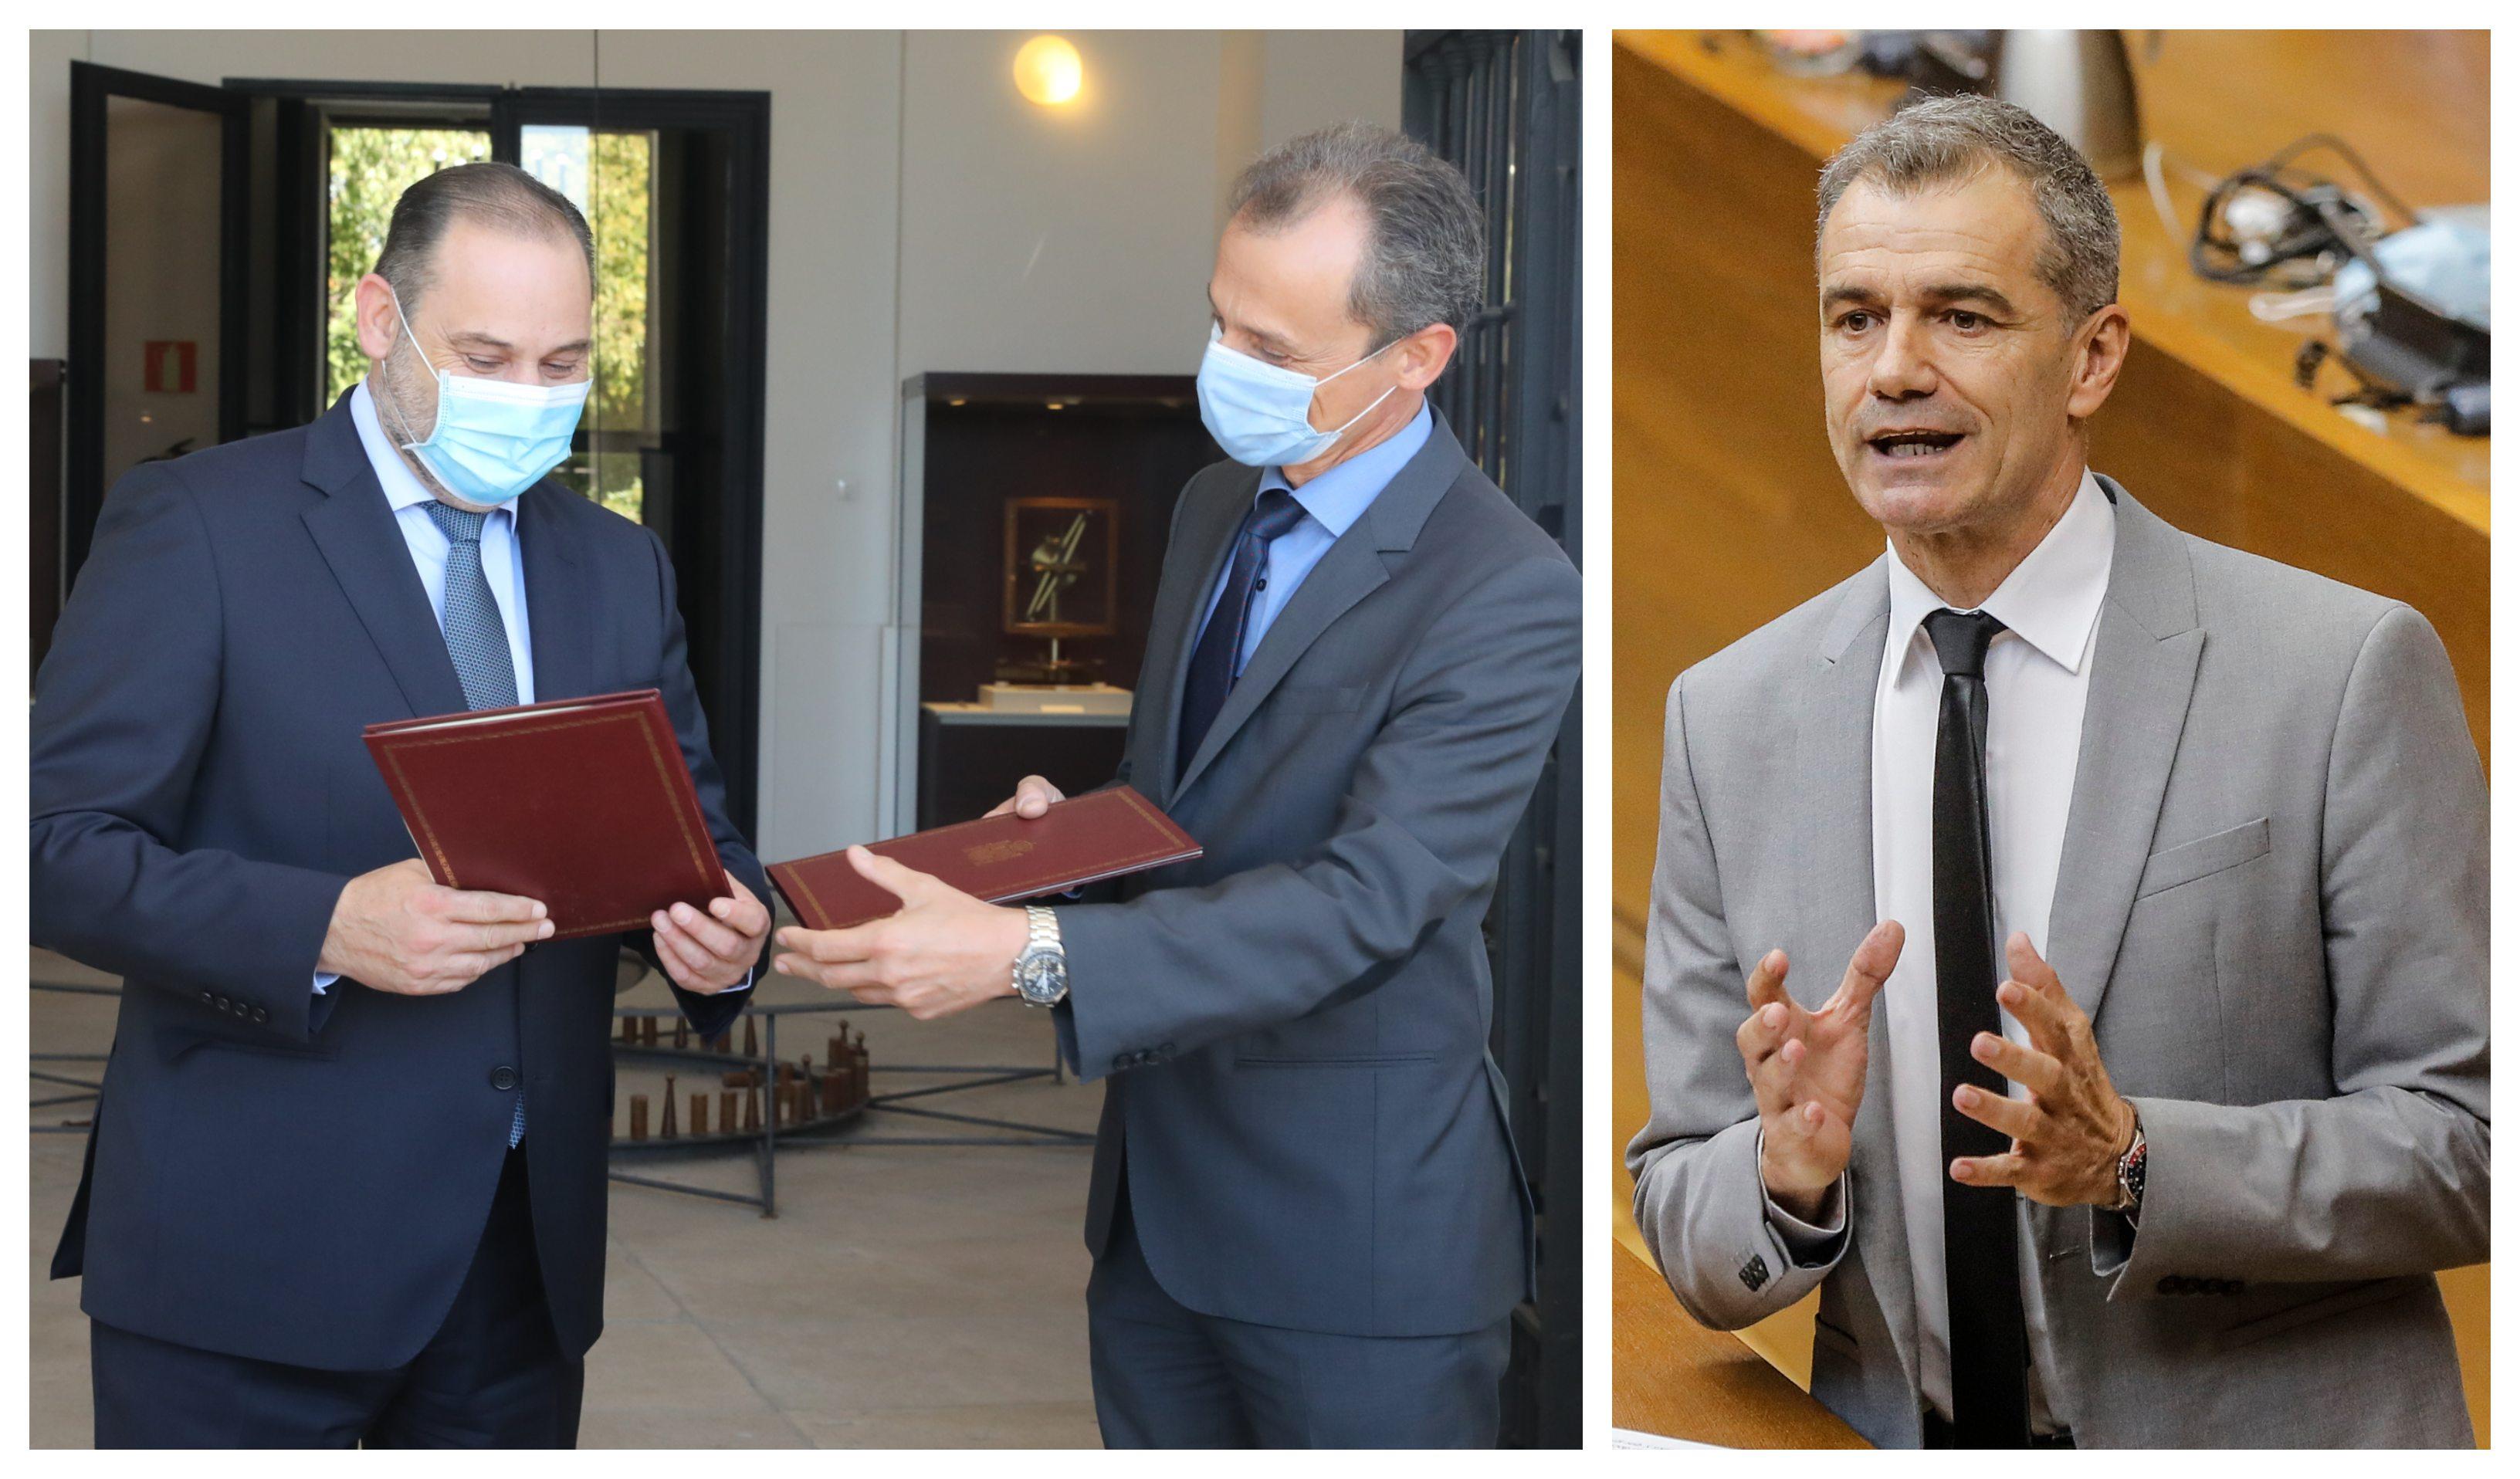 Cantó 'desvela' el paradero de dos ministros 'preocupados' por una isla de la Antártida en pleno coronavirus